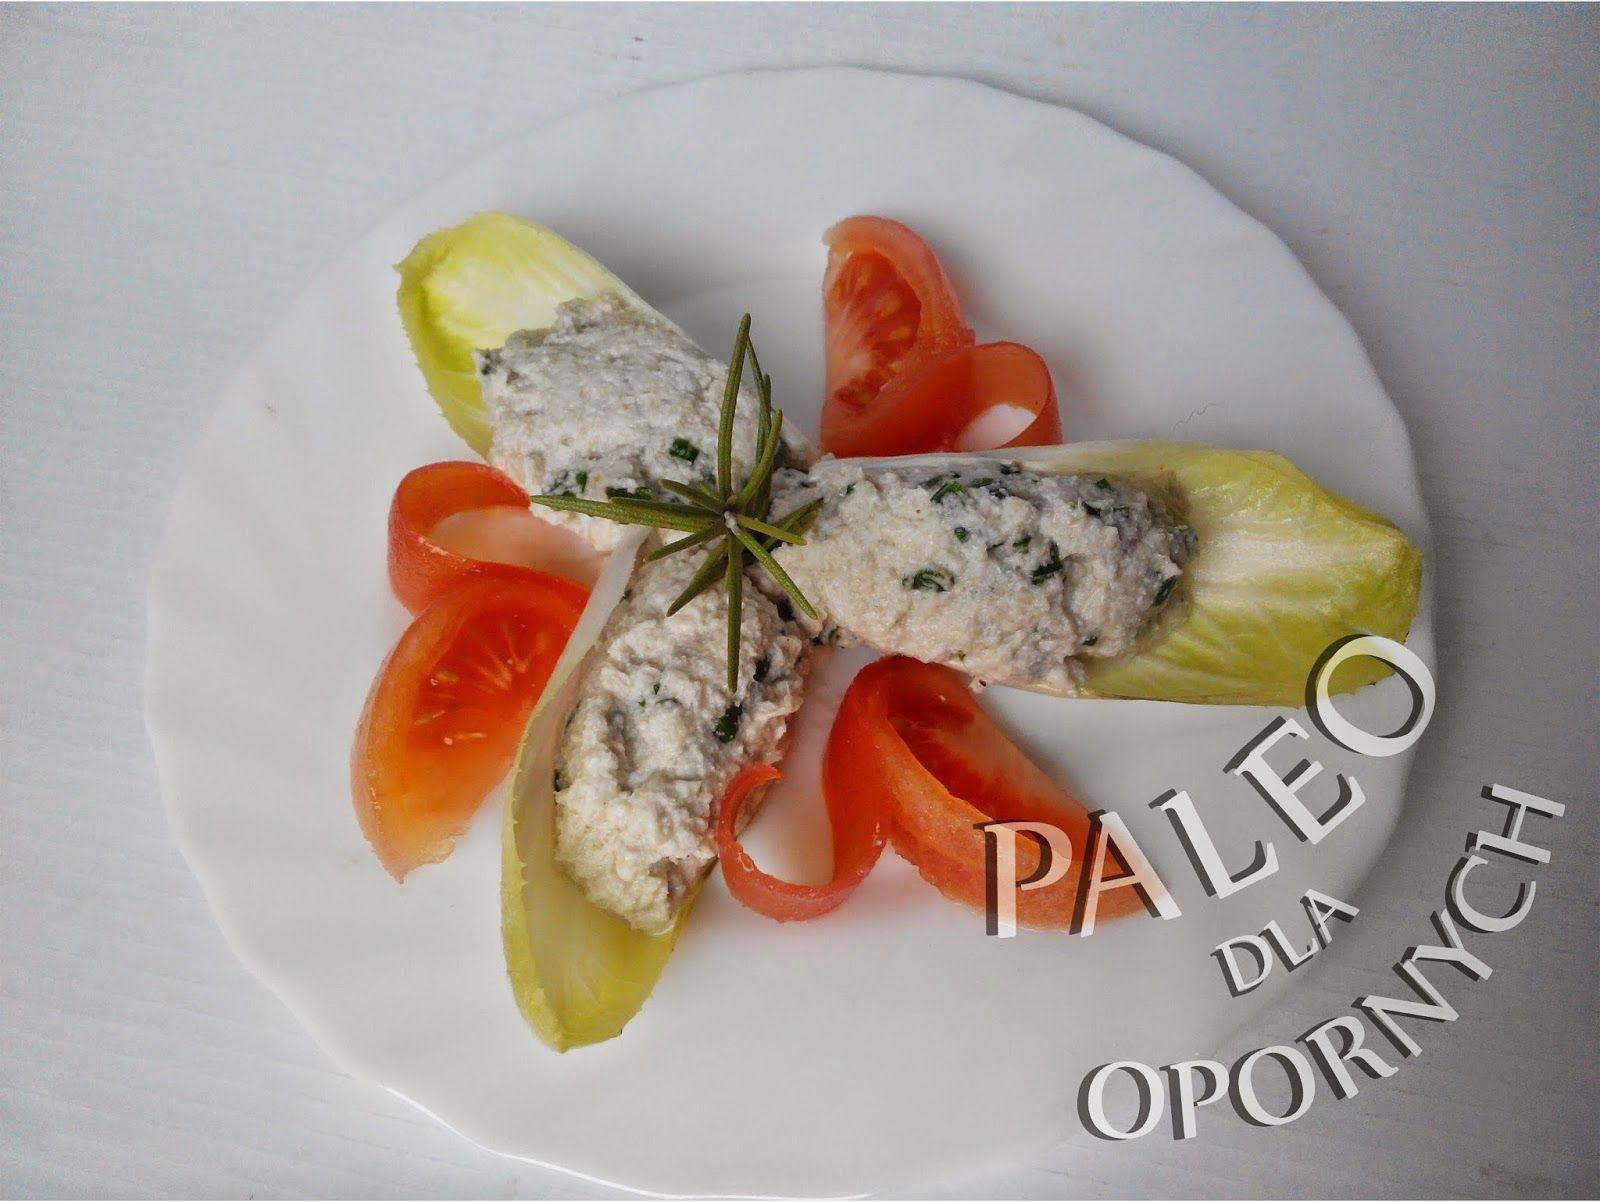 Kuchnia Paleo Dla Opornych Twarozek Ze Slonecznika Cooking Paleo Gluten Free Food